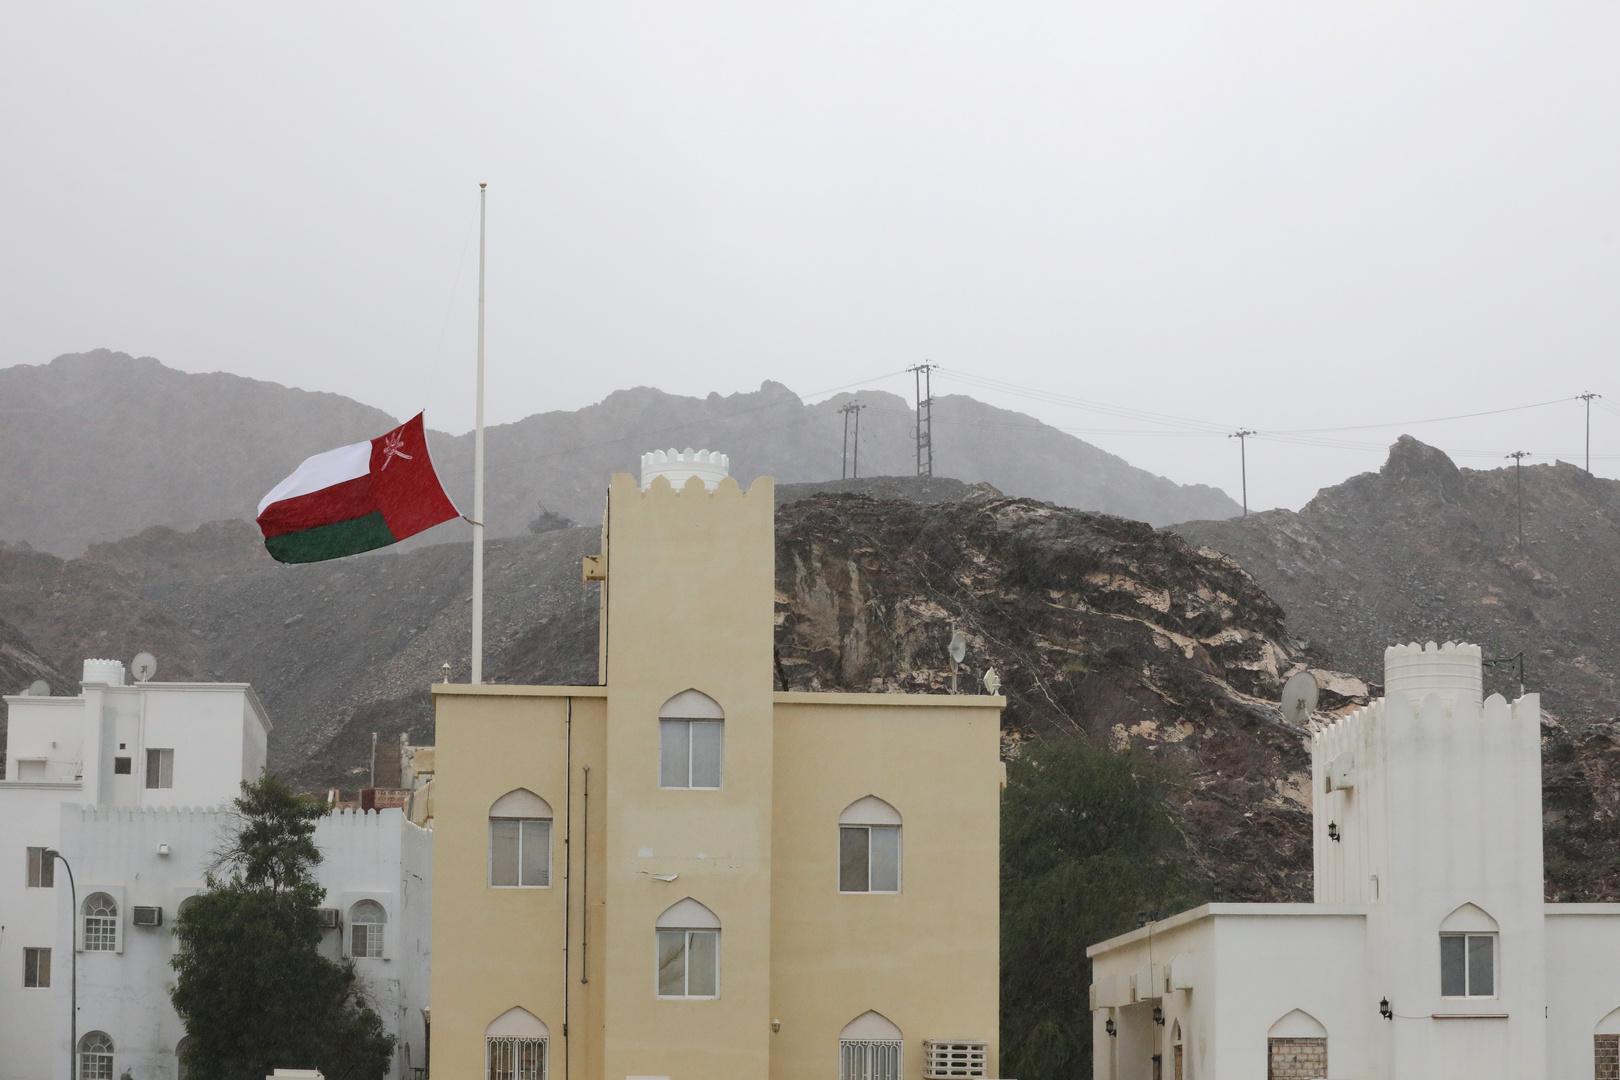 عمان تعدل هيكل أسعار الكهرباء لتخفيف العبء على المواطنين